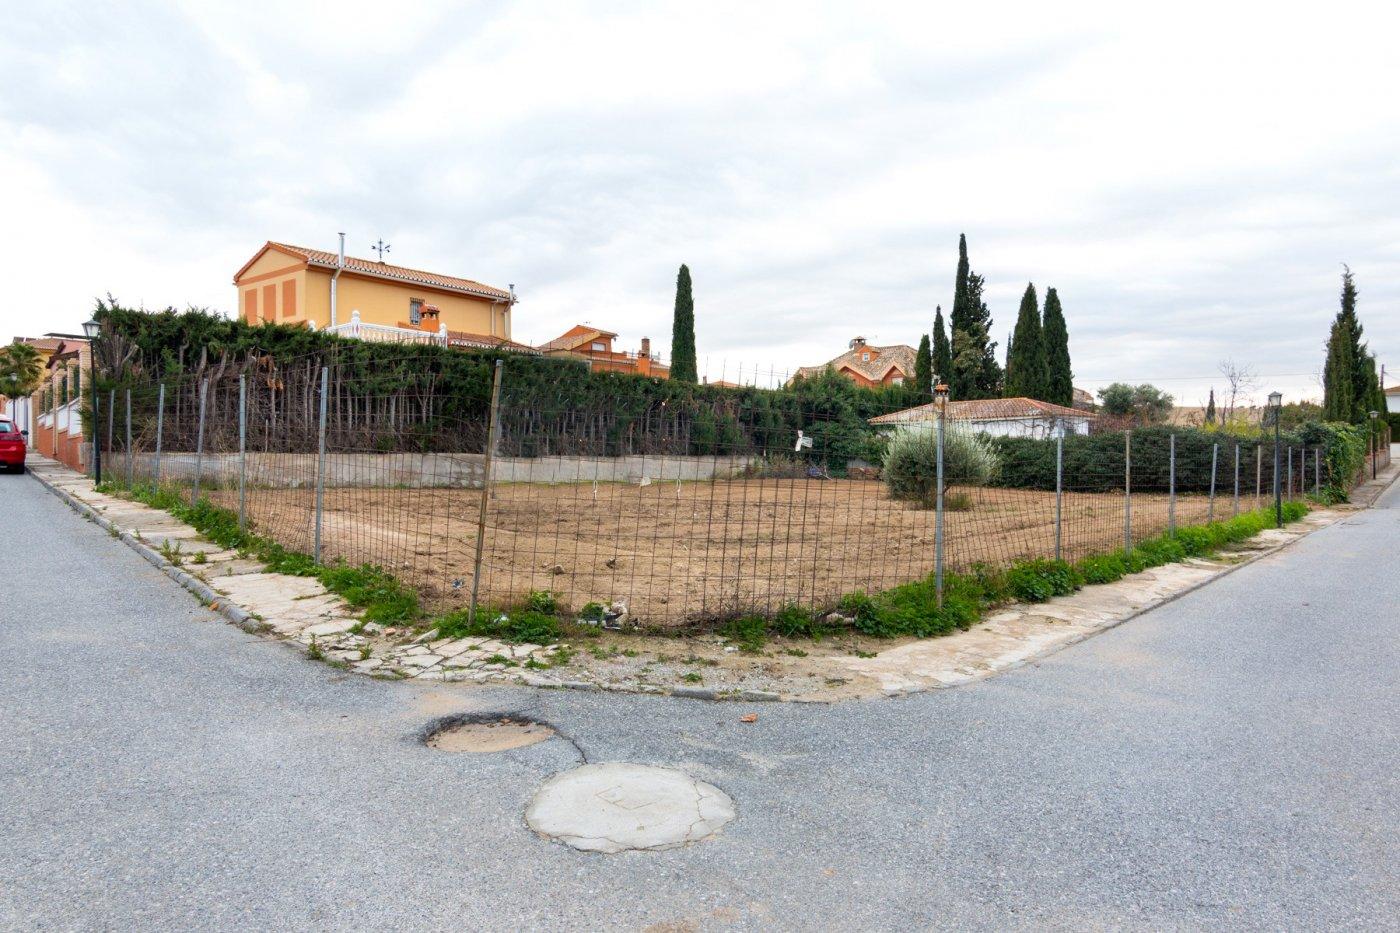 Estupenda parcela en urbanización privada para construirte la casa de tus sueños.